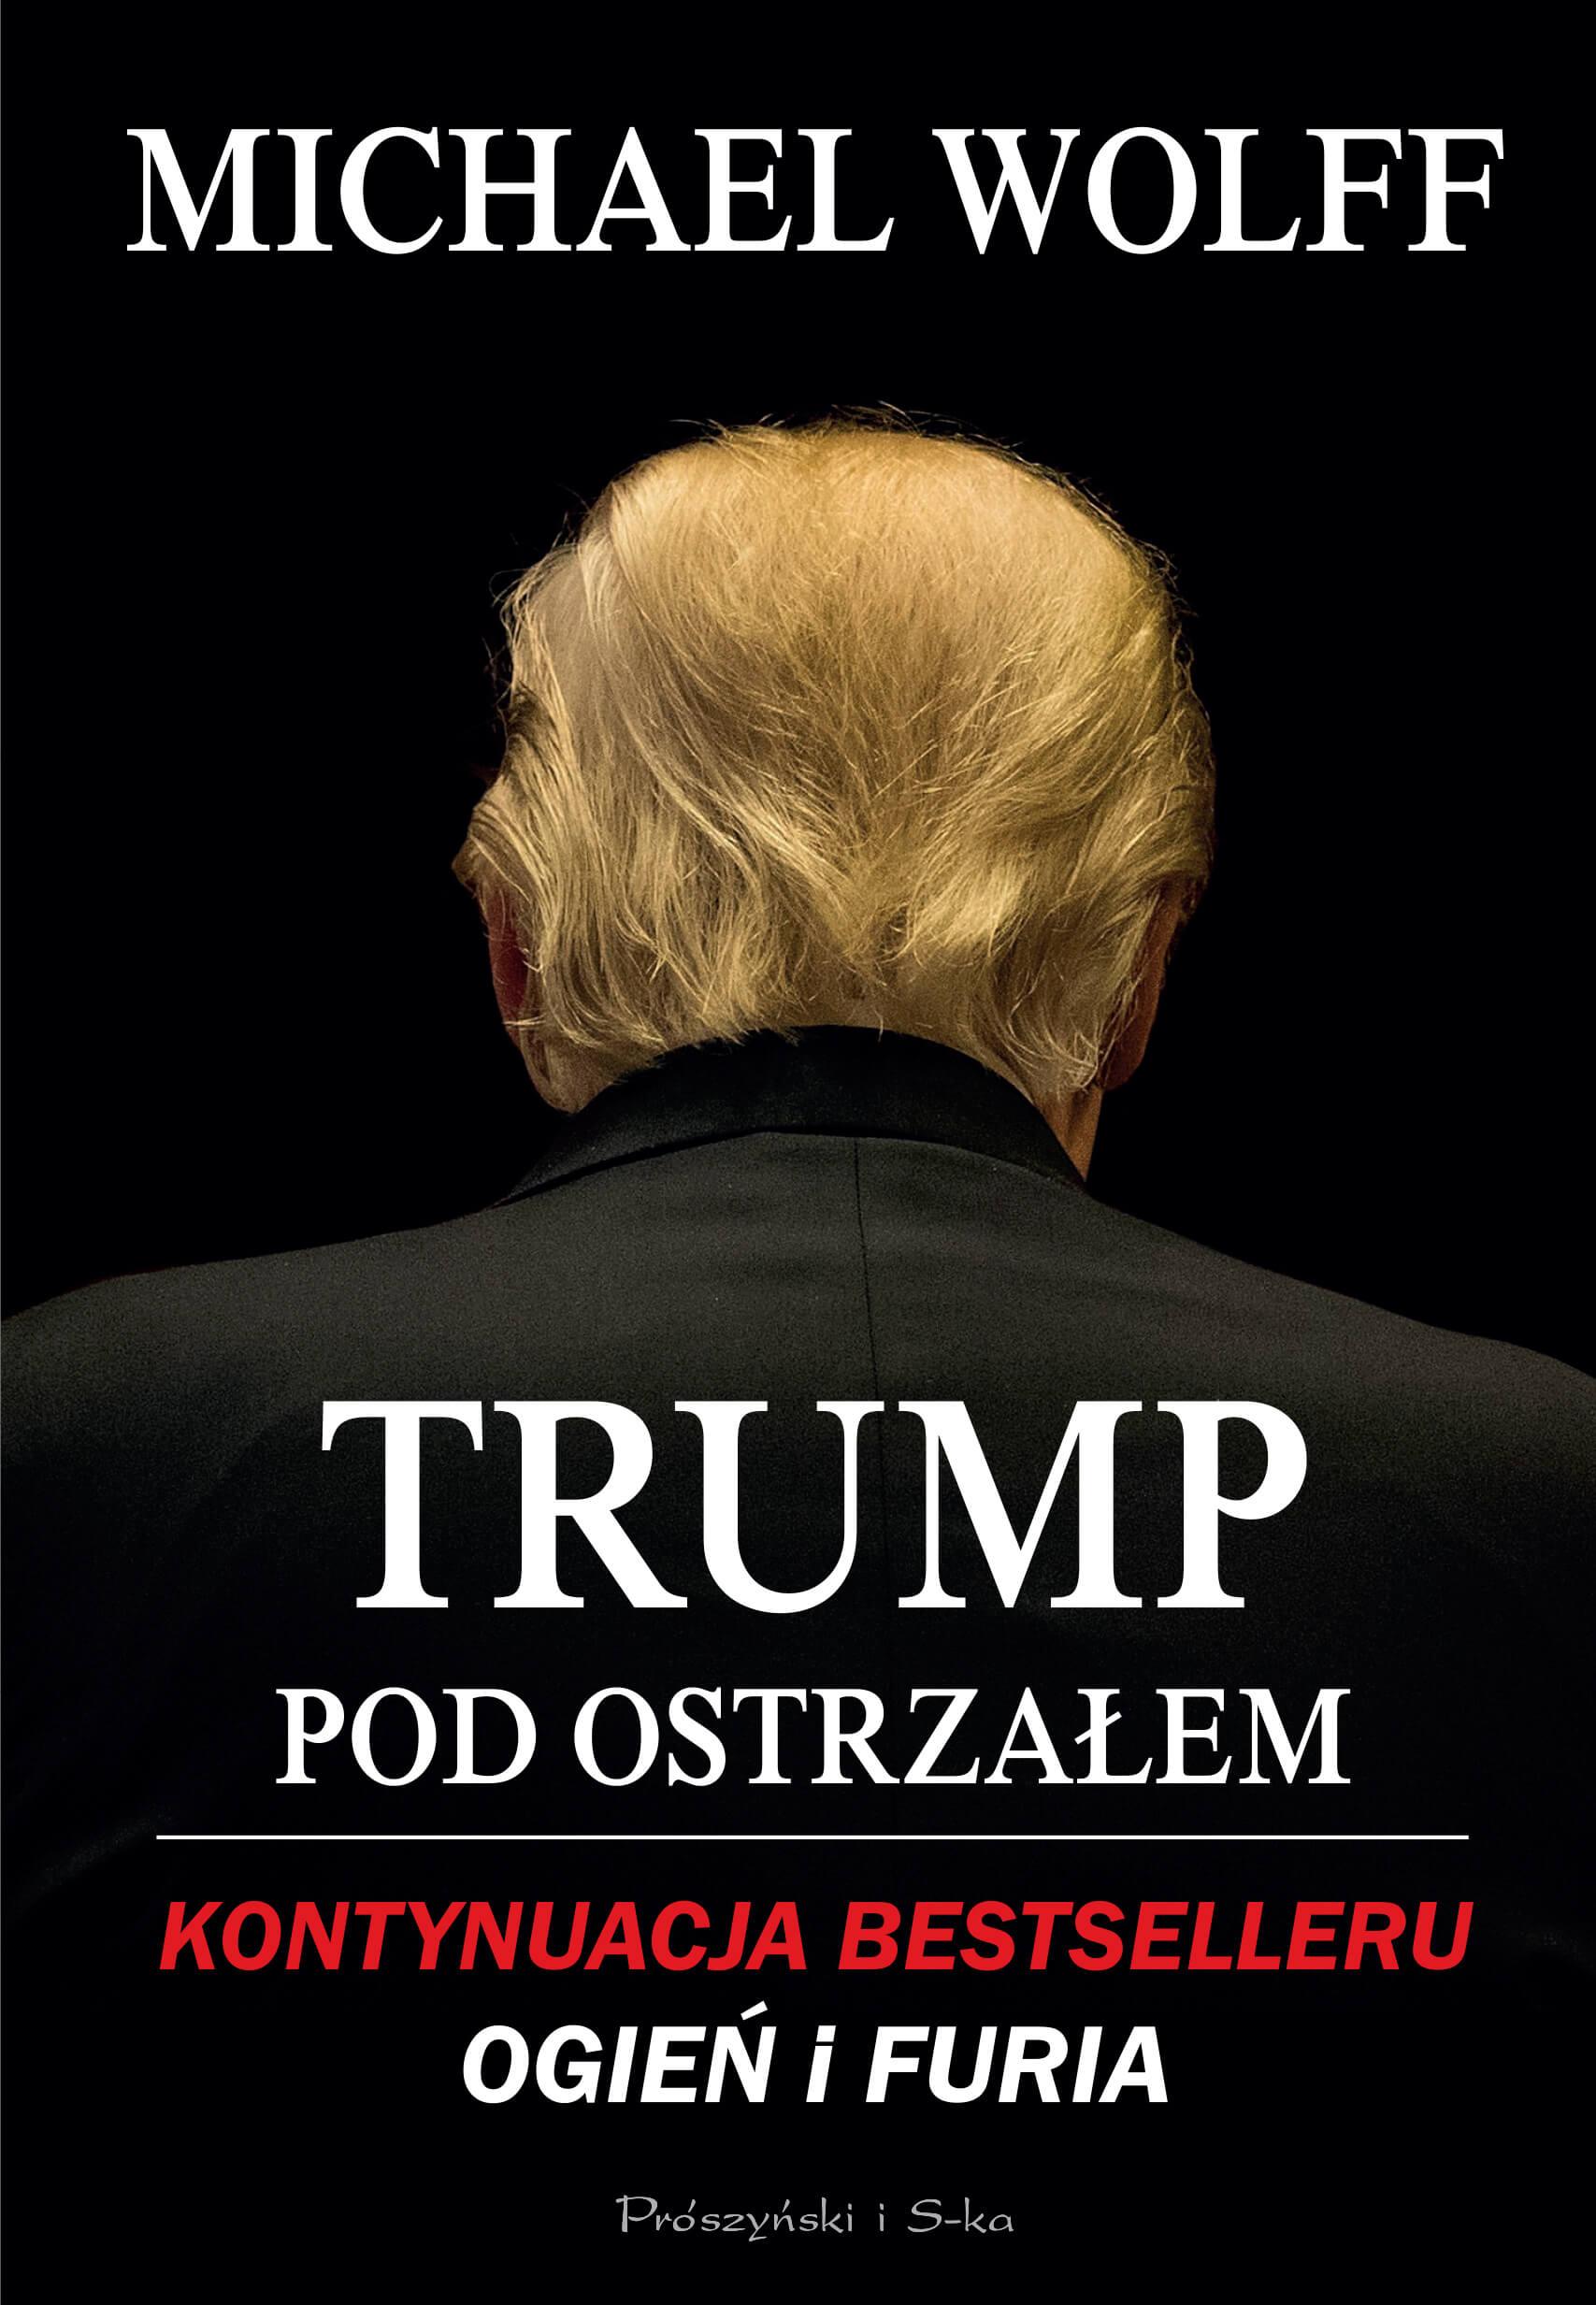 Trump. Pod ostrzałem - recenzja książki